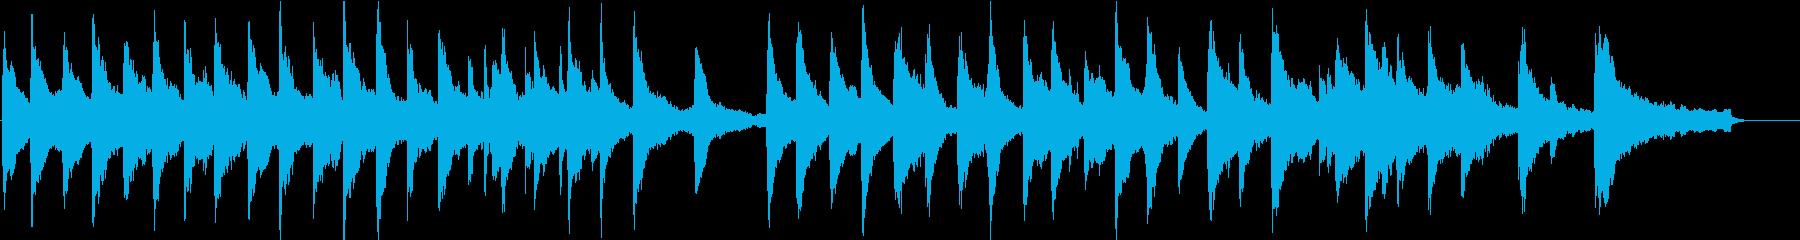 静けさを表すピアノ曲。静かな森のイメージの再生済みの波形